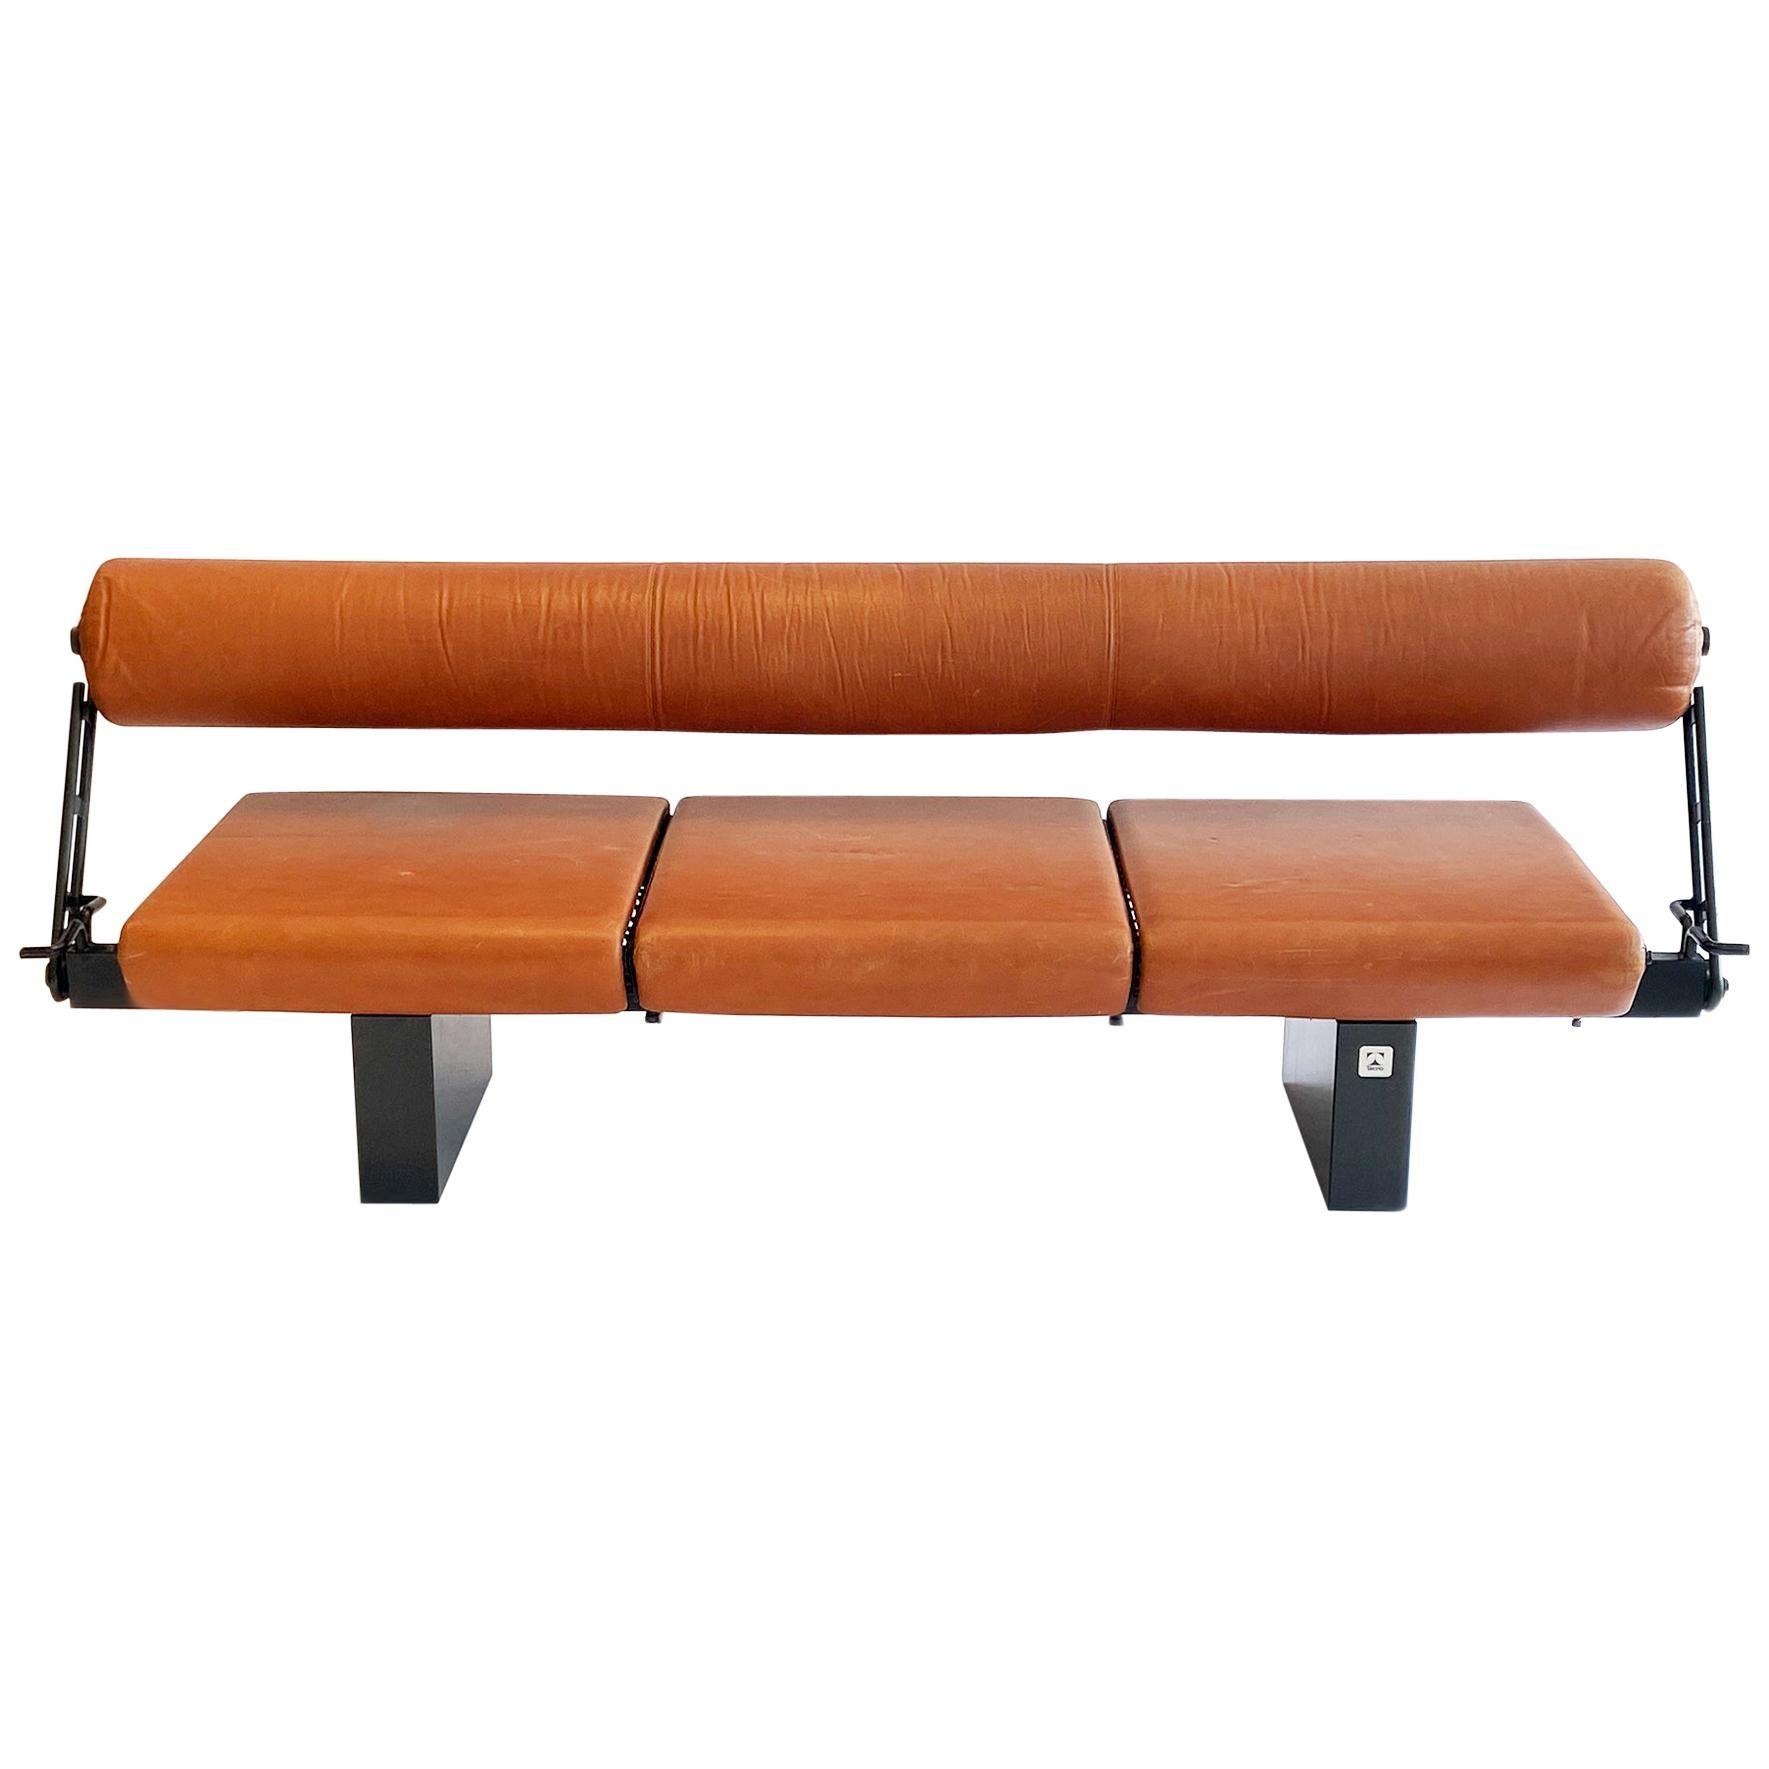 Bench or Sofa in Leather Steel & Granite Osvaldo Borsani for Tecno, Italy, 1980s